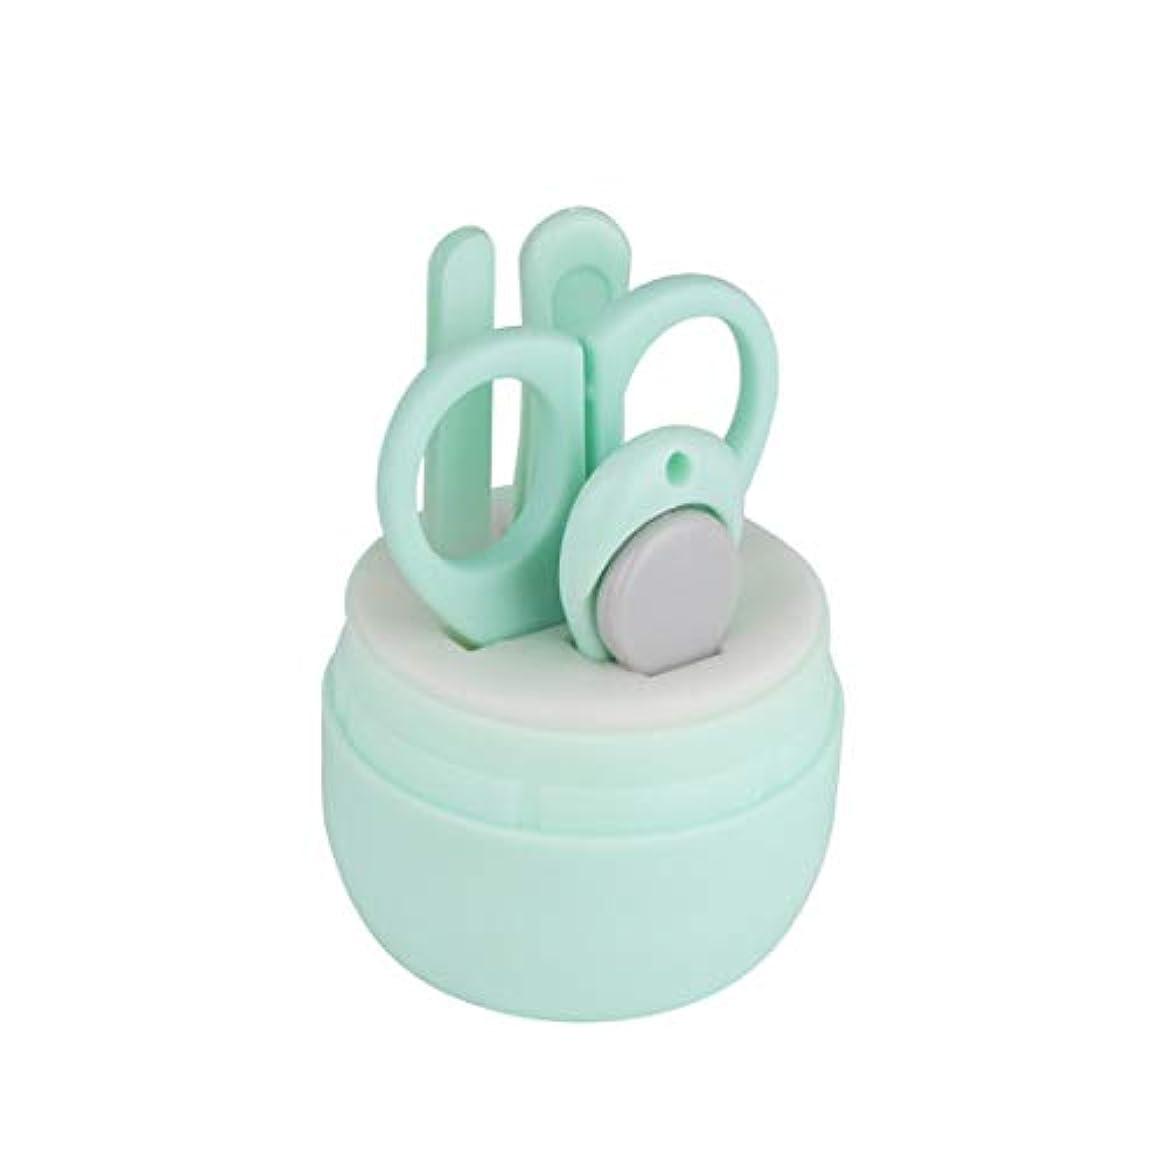 衝突コース思い出補正Jiaoran 漫画くまの爪切りステンレス鋼の赤ん坊の釘用具セット赤ん坊の美用具セット4赤ん坊のマニキュア用具、各パックのための1 (Color : Green)